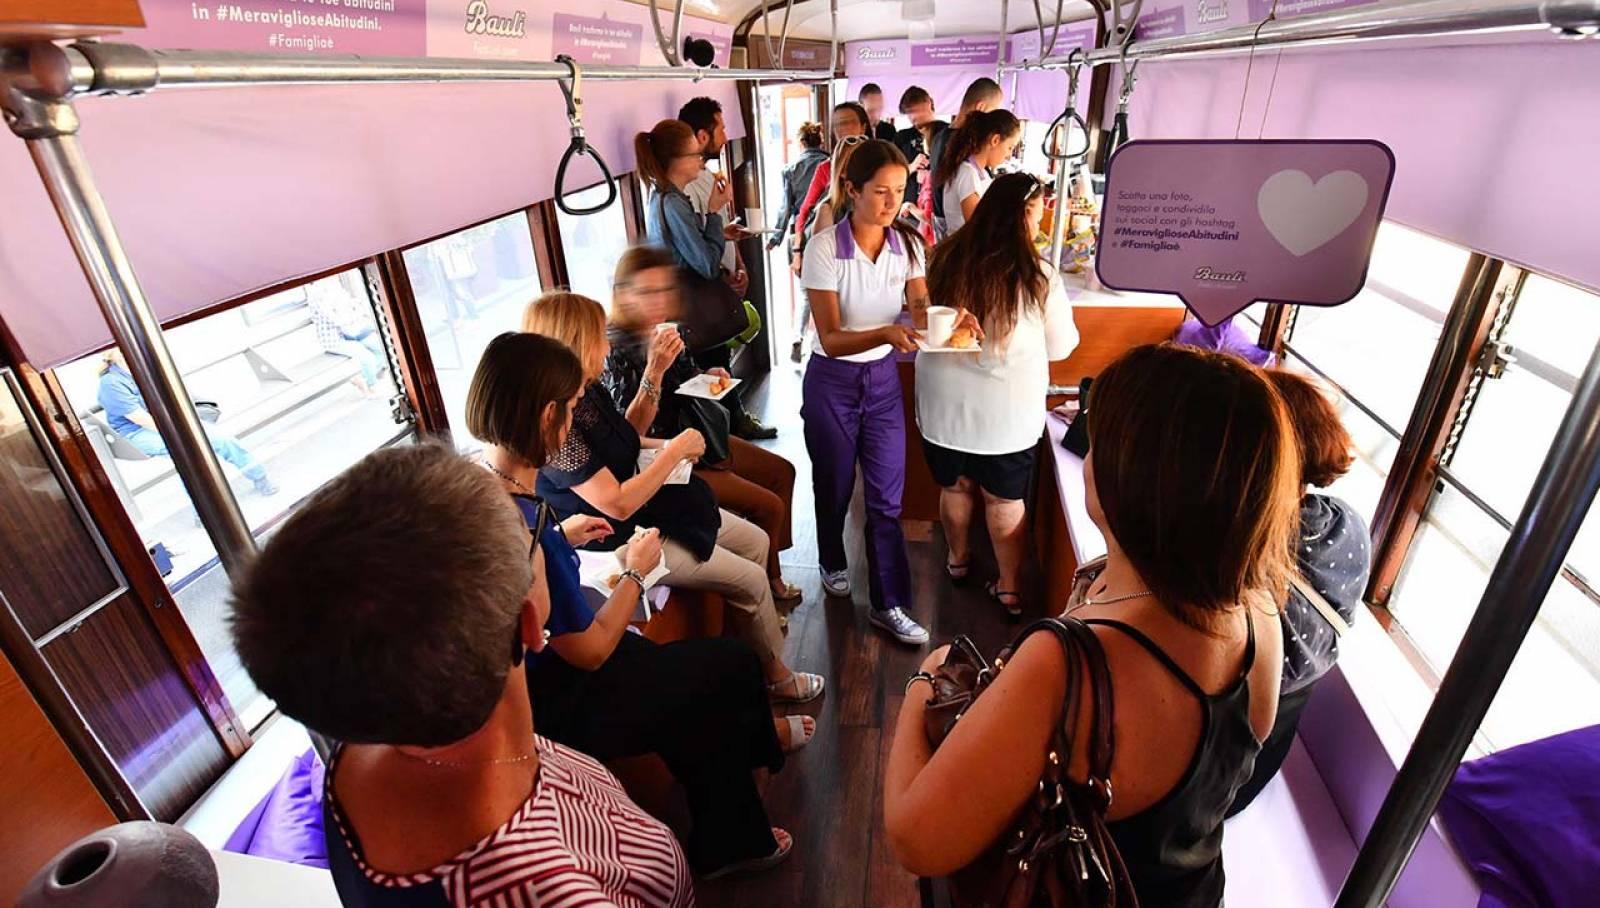 Pubblicità su tram Milano IGPDecaux tram speciale per Bauli